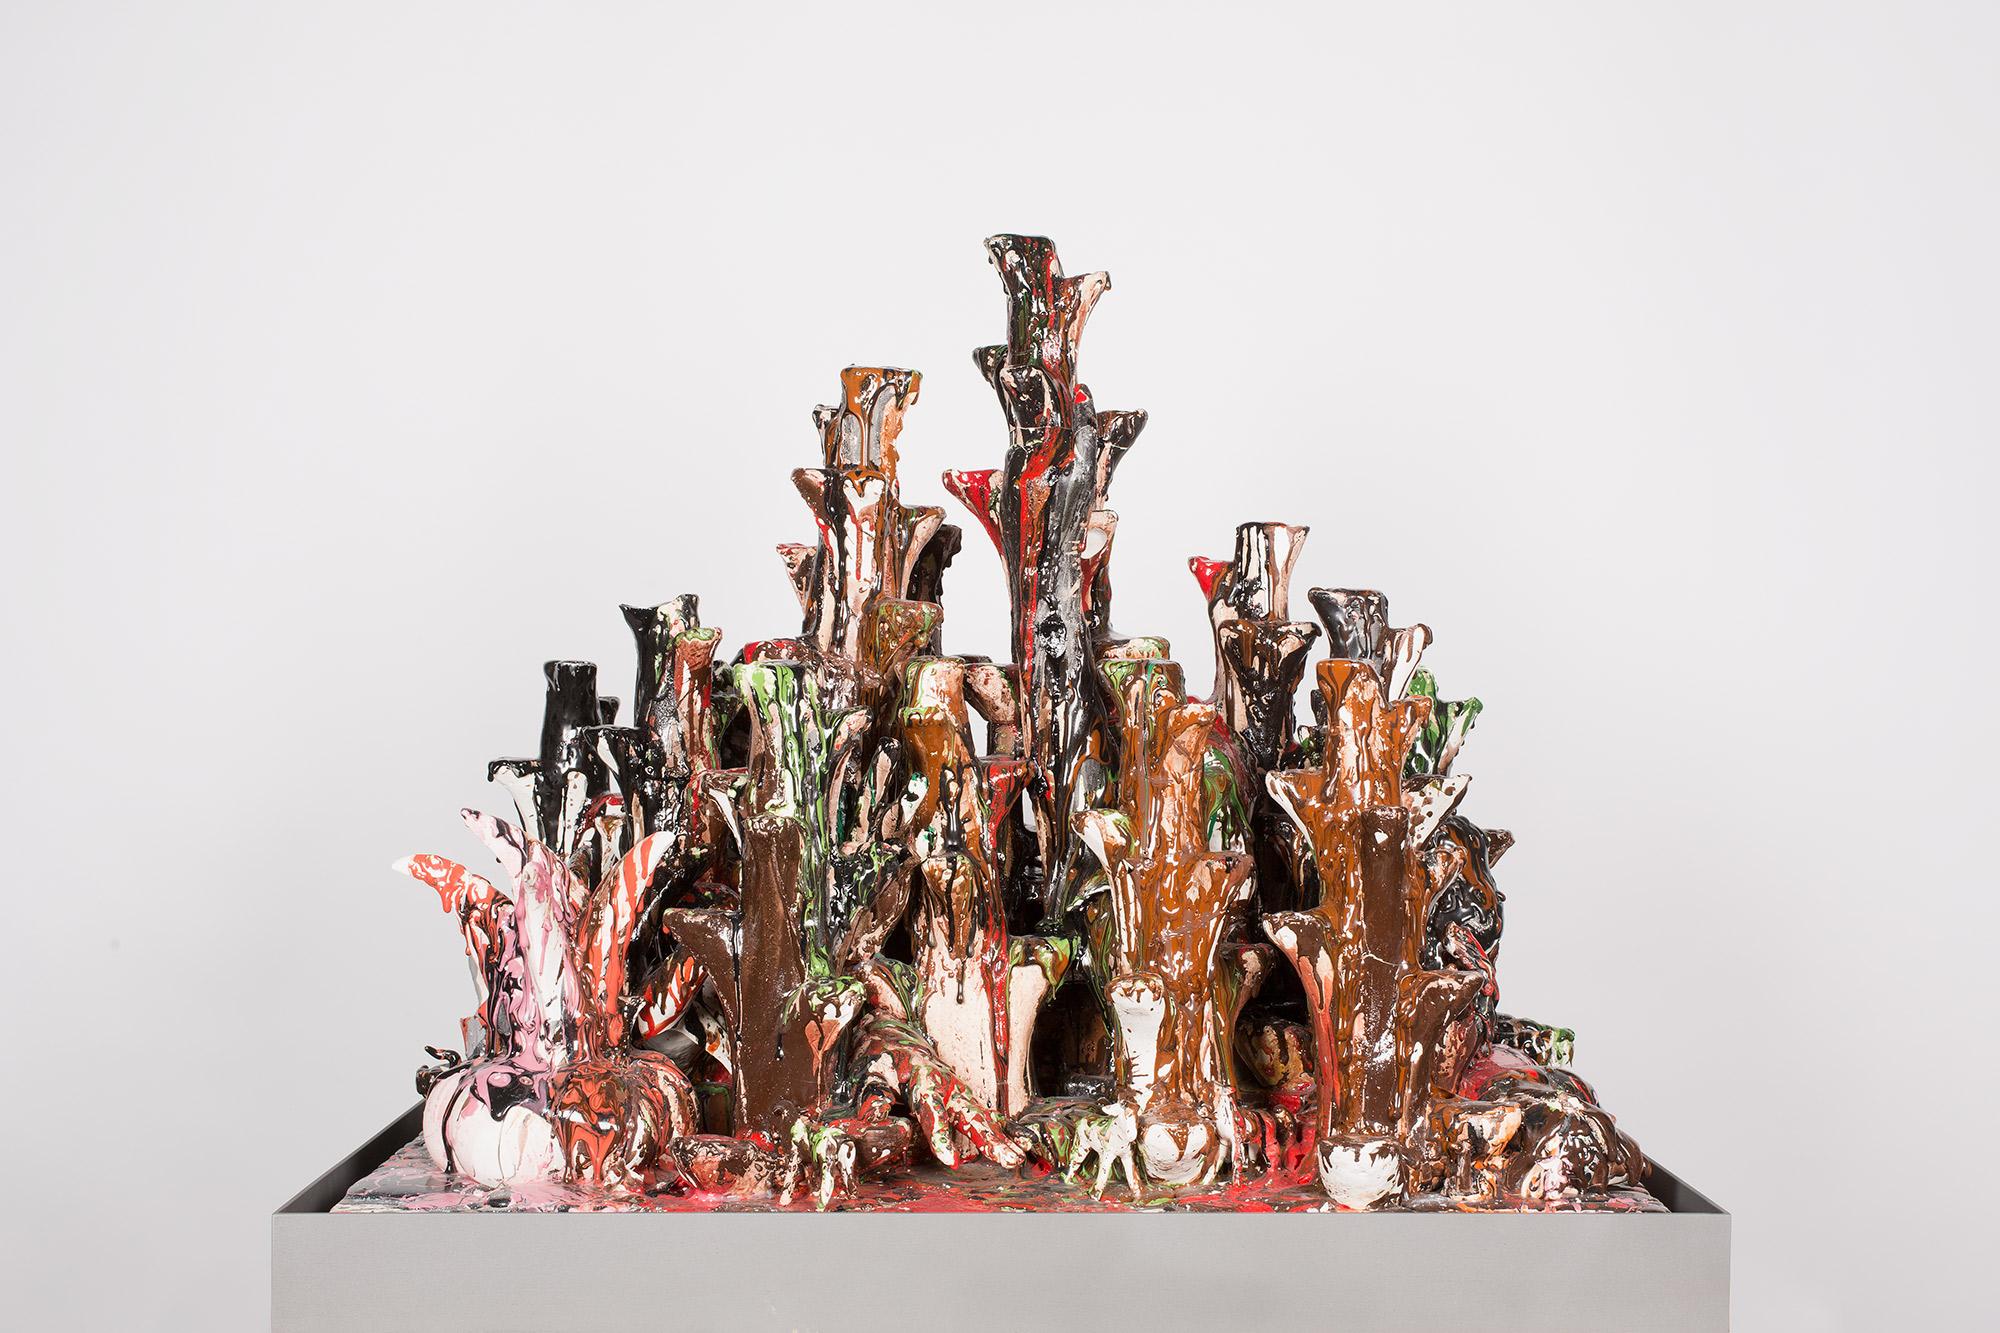 Lo Desconocido (February 17–March 1, 2015: Cerámica Suro Contemporánea, Guadalajara, Jalisco, Mexico)    2015   Ceramica Suro slip cast remnants, glaze, and firing plate  64 x 42 x 26 1/2 inches   Ceramics, 2013–